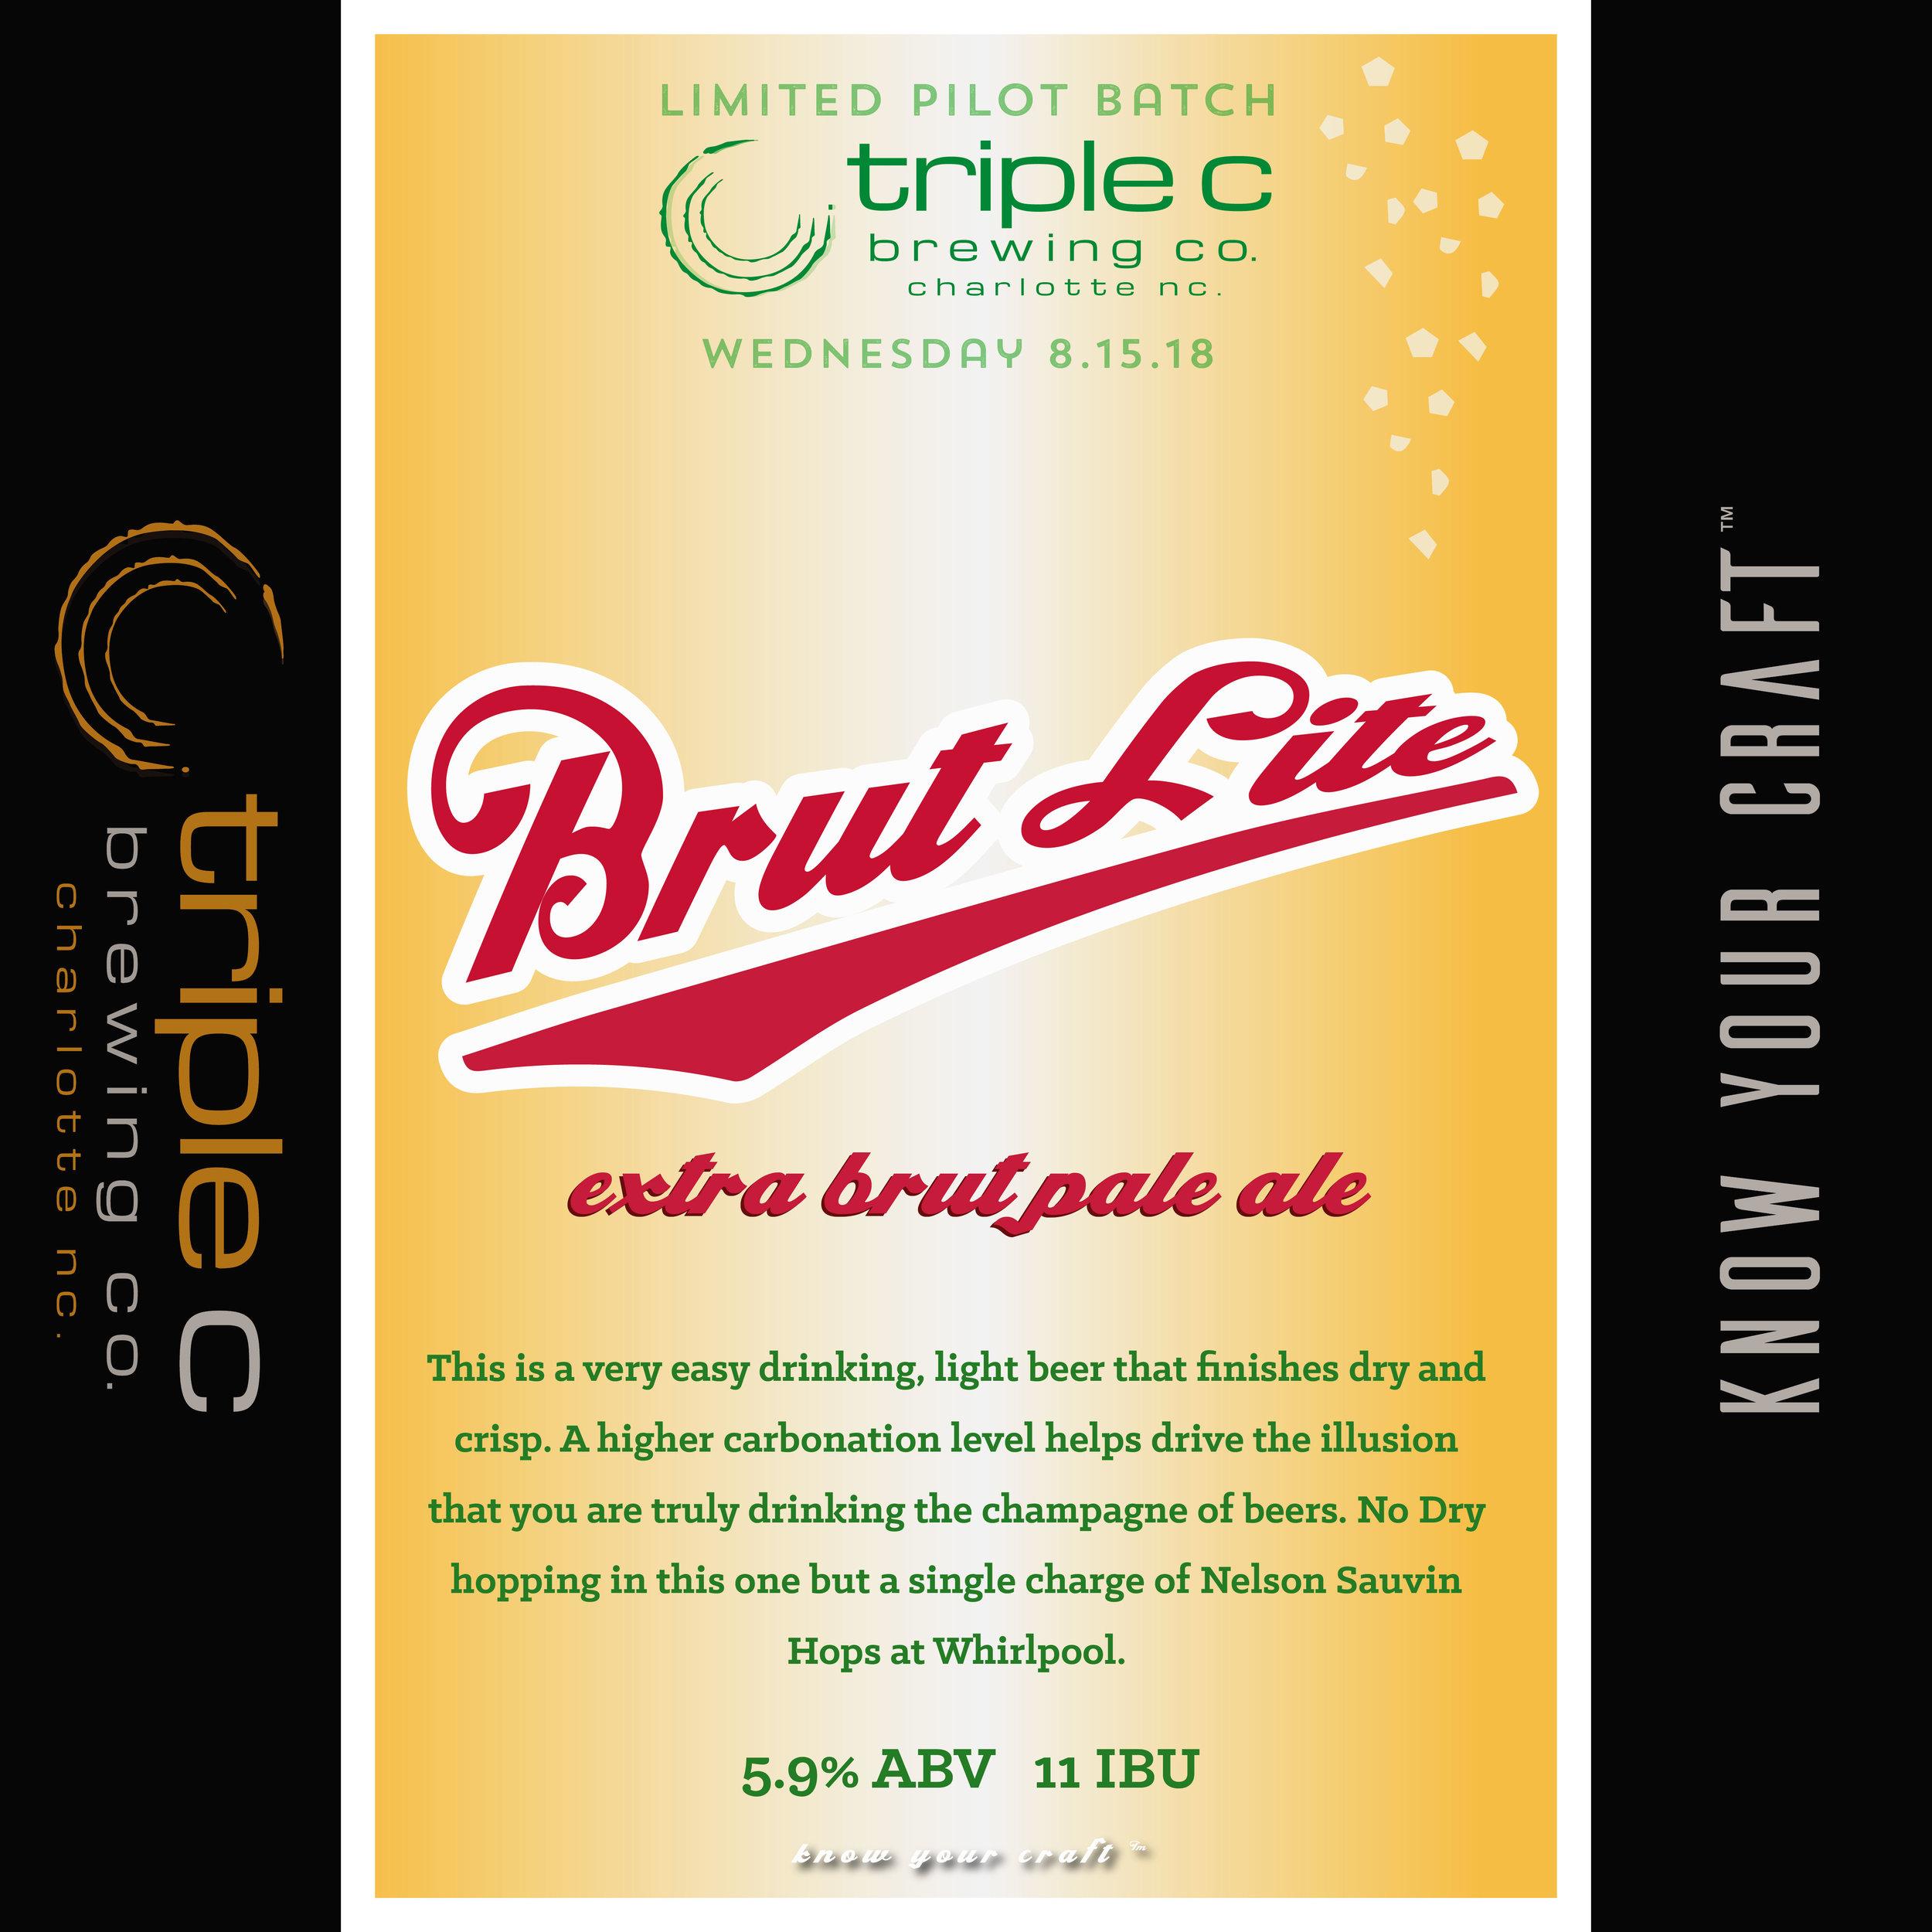 BrutLite2_Media.jpg